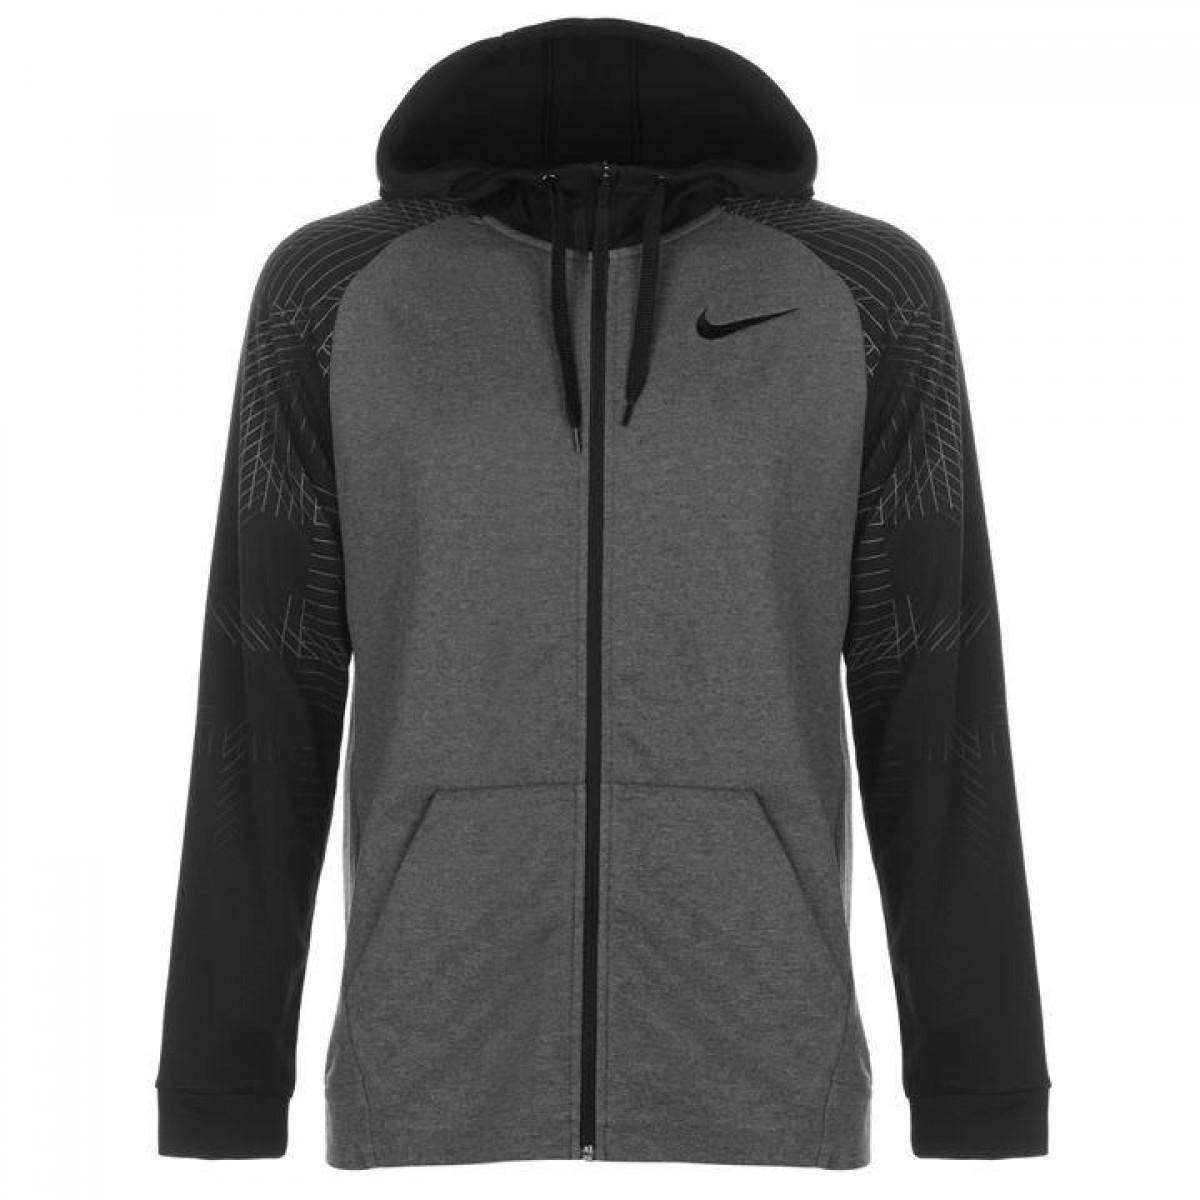 b78f90f4 Толстовка Nike GFX Dry Black - Оригинал — в Категории